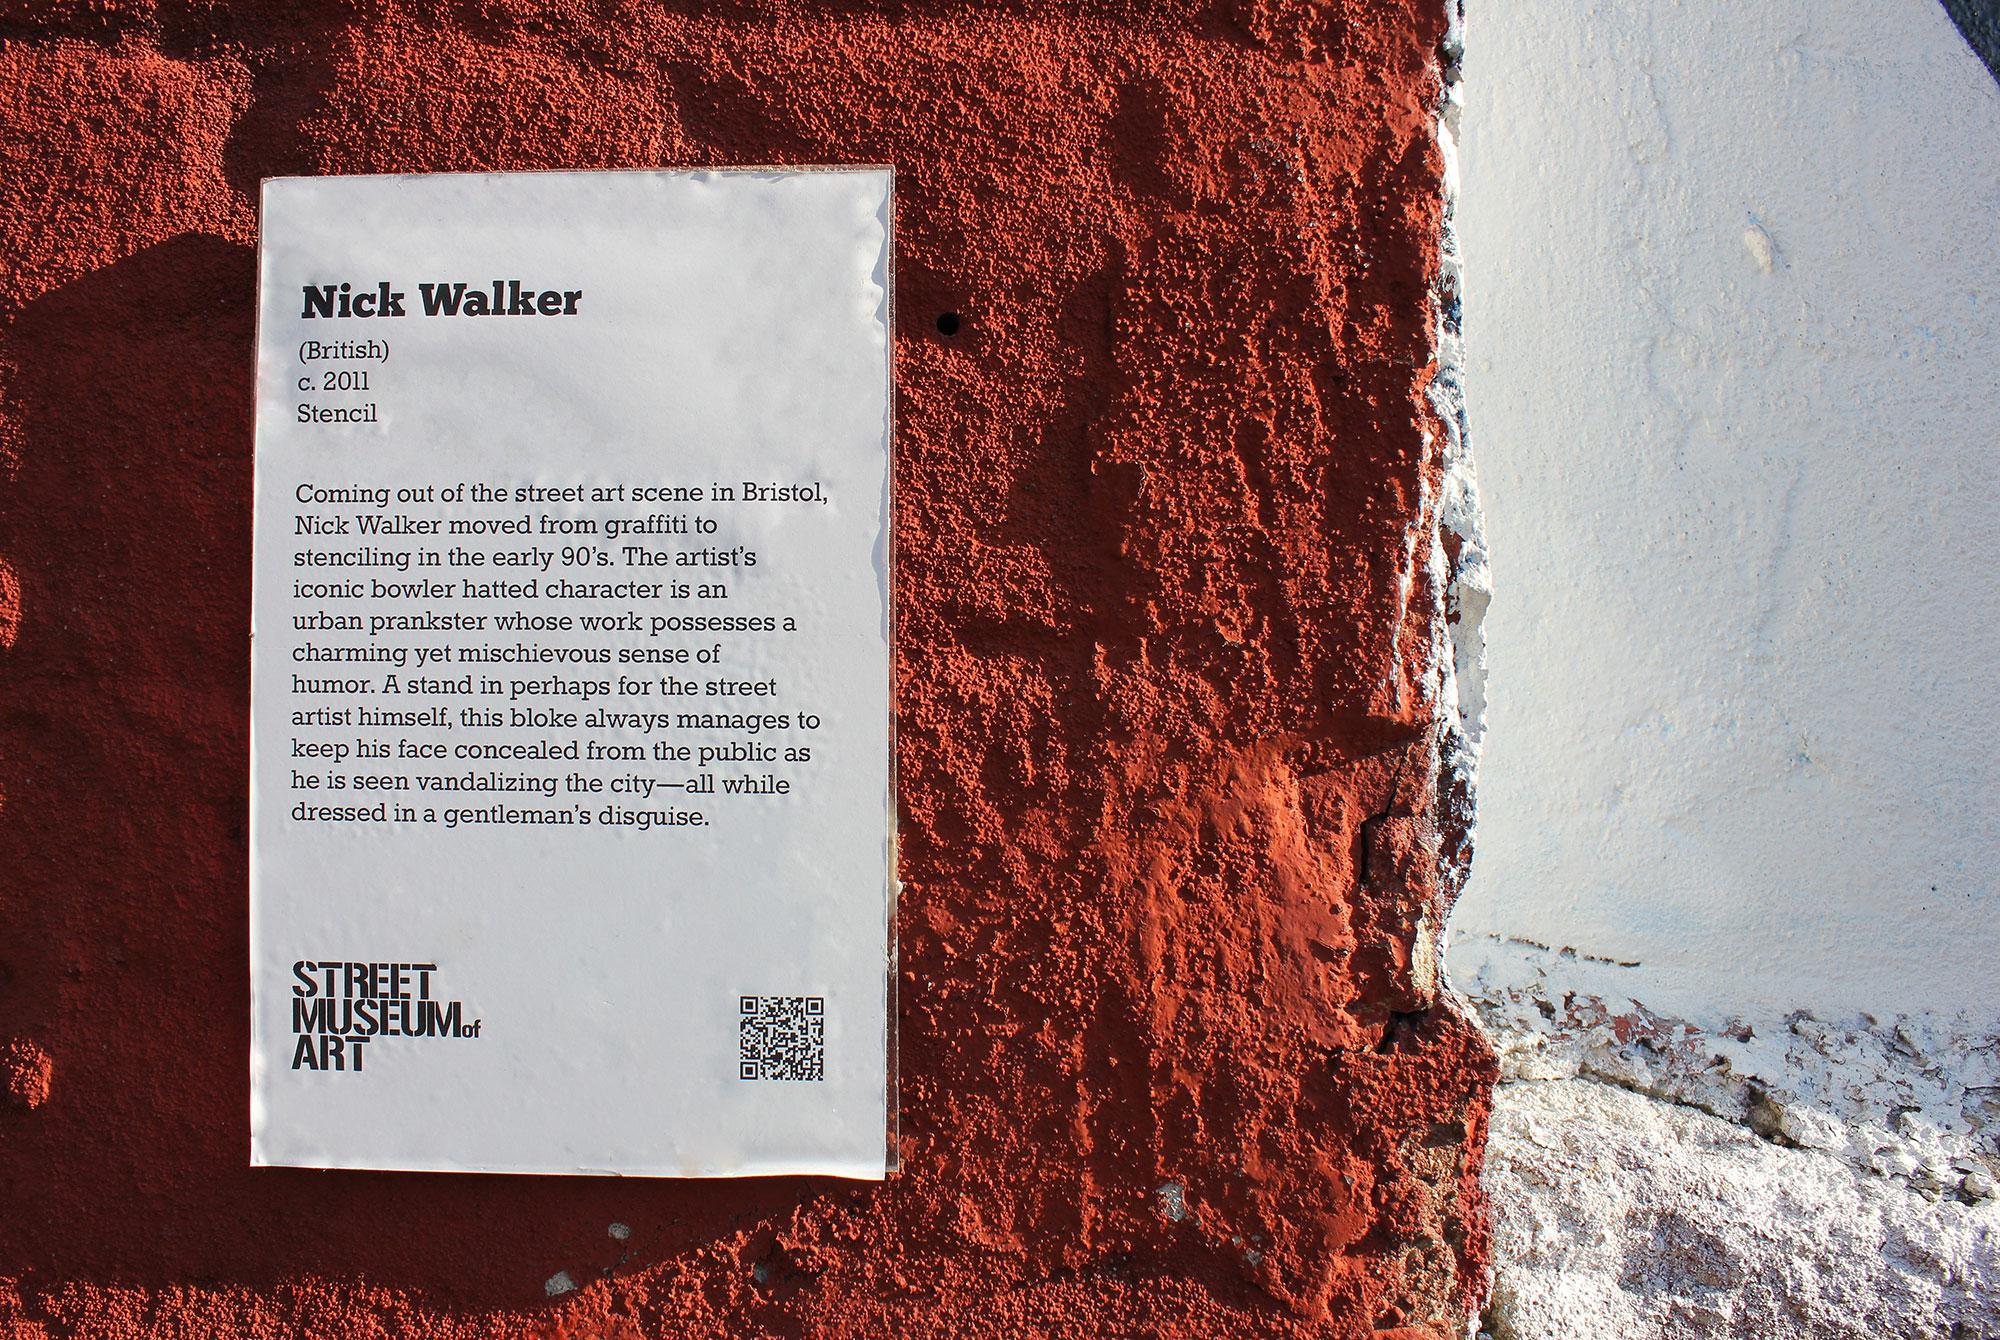 IMG_2687_NickWalker_Wburg_2012_LABEL2-WEB.jpg